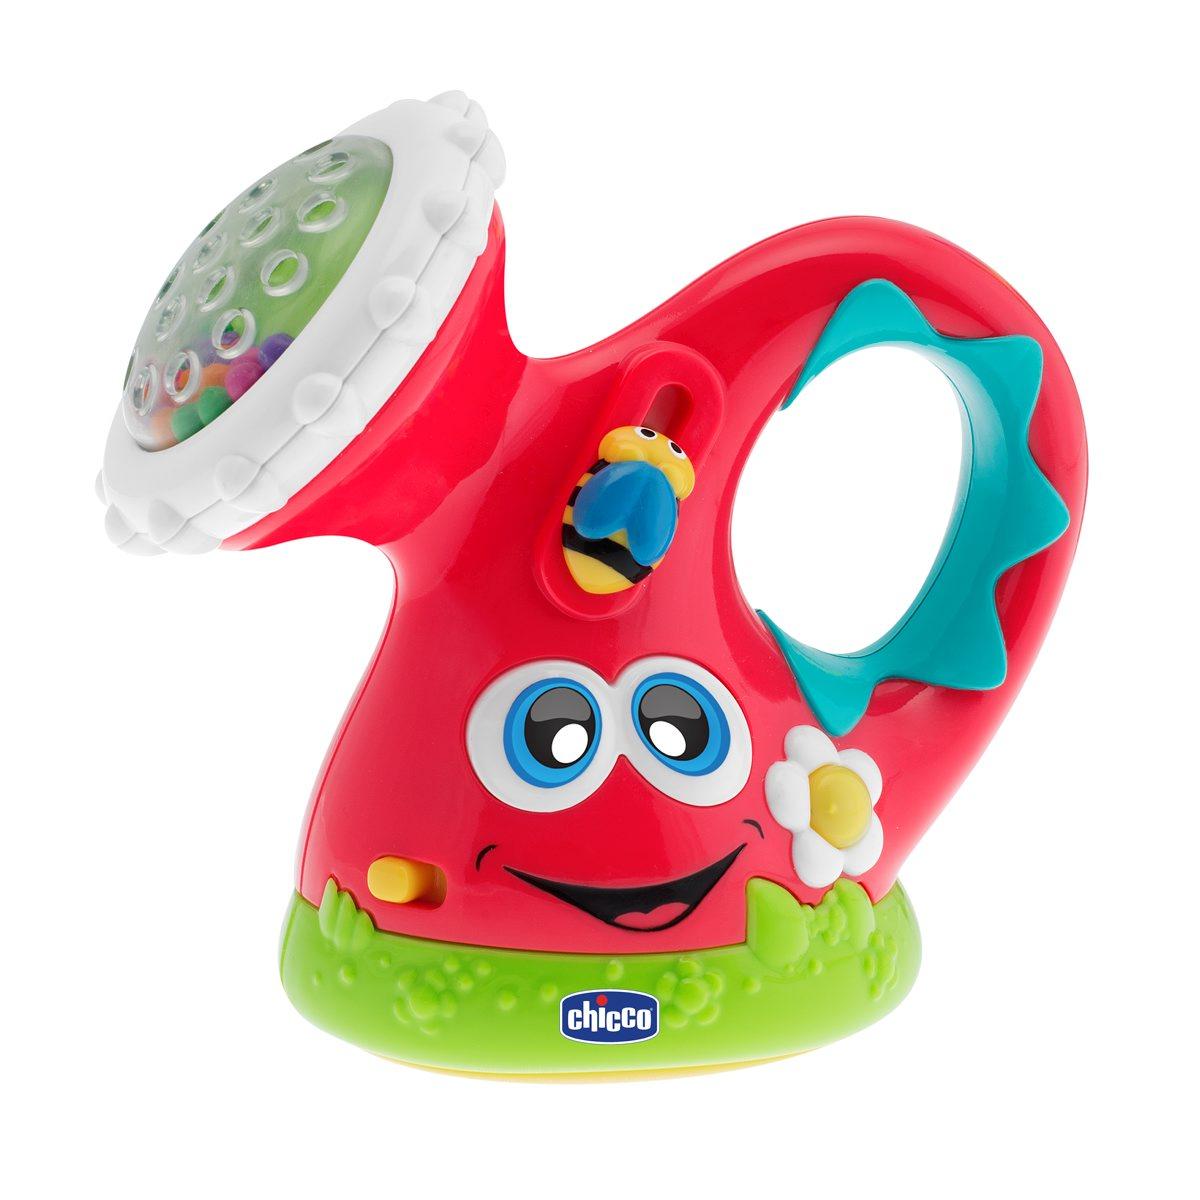 Chicco Музыкальная игрушка Лейка интерактивная игрушка chicco музыкальная лейка от 6 месяцев разноцветный 07700